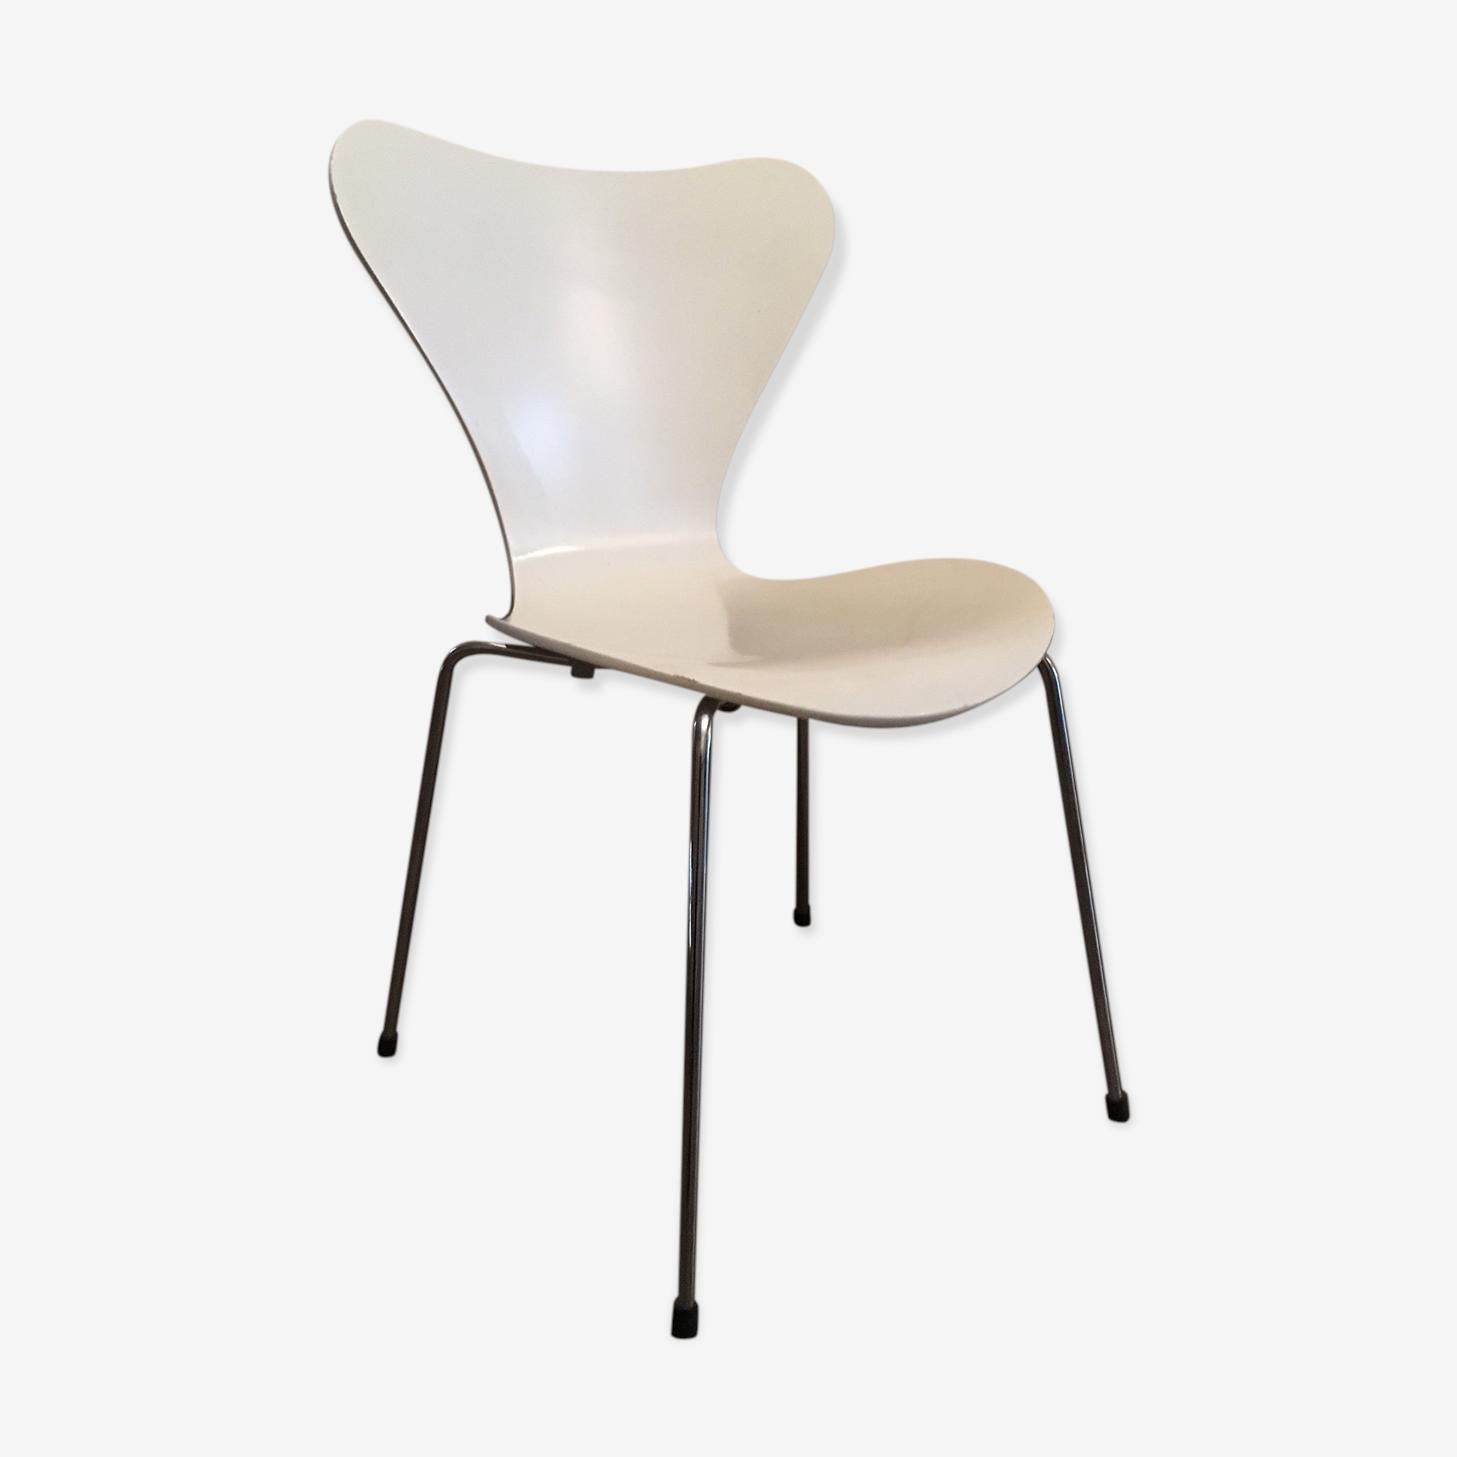 Chair model 3107 Arne Jacobsen for Fritz Hansen